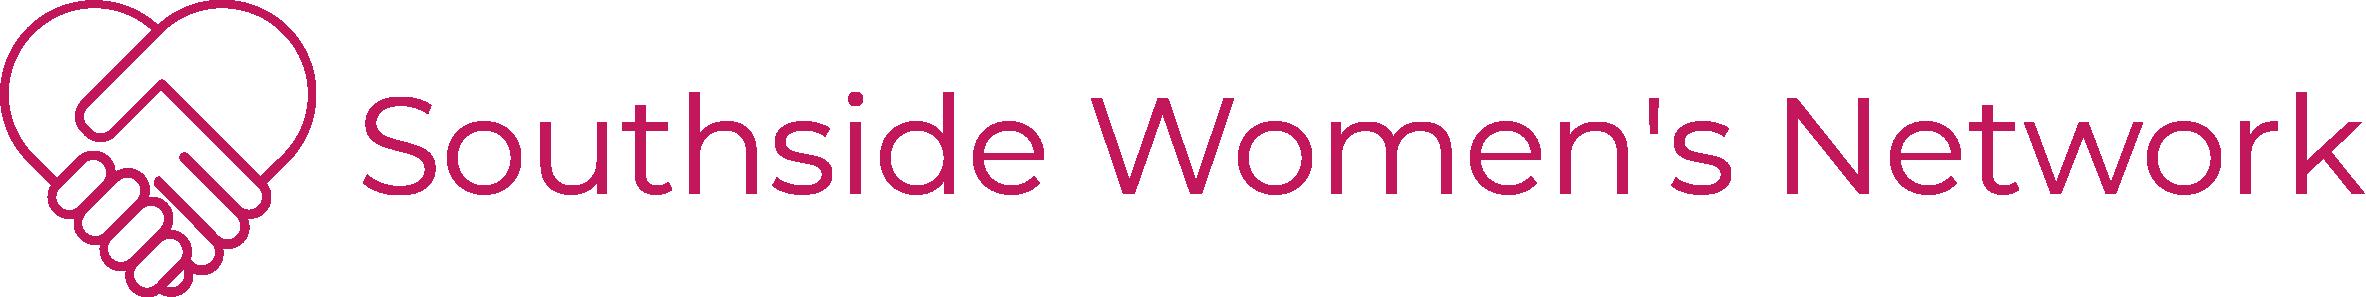 Southside Women's Network, LLC